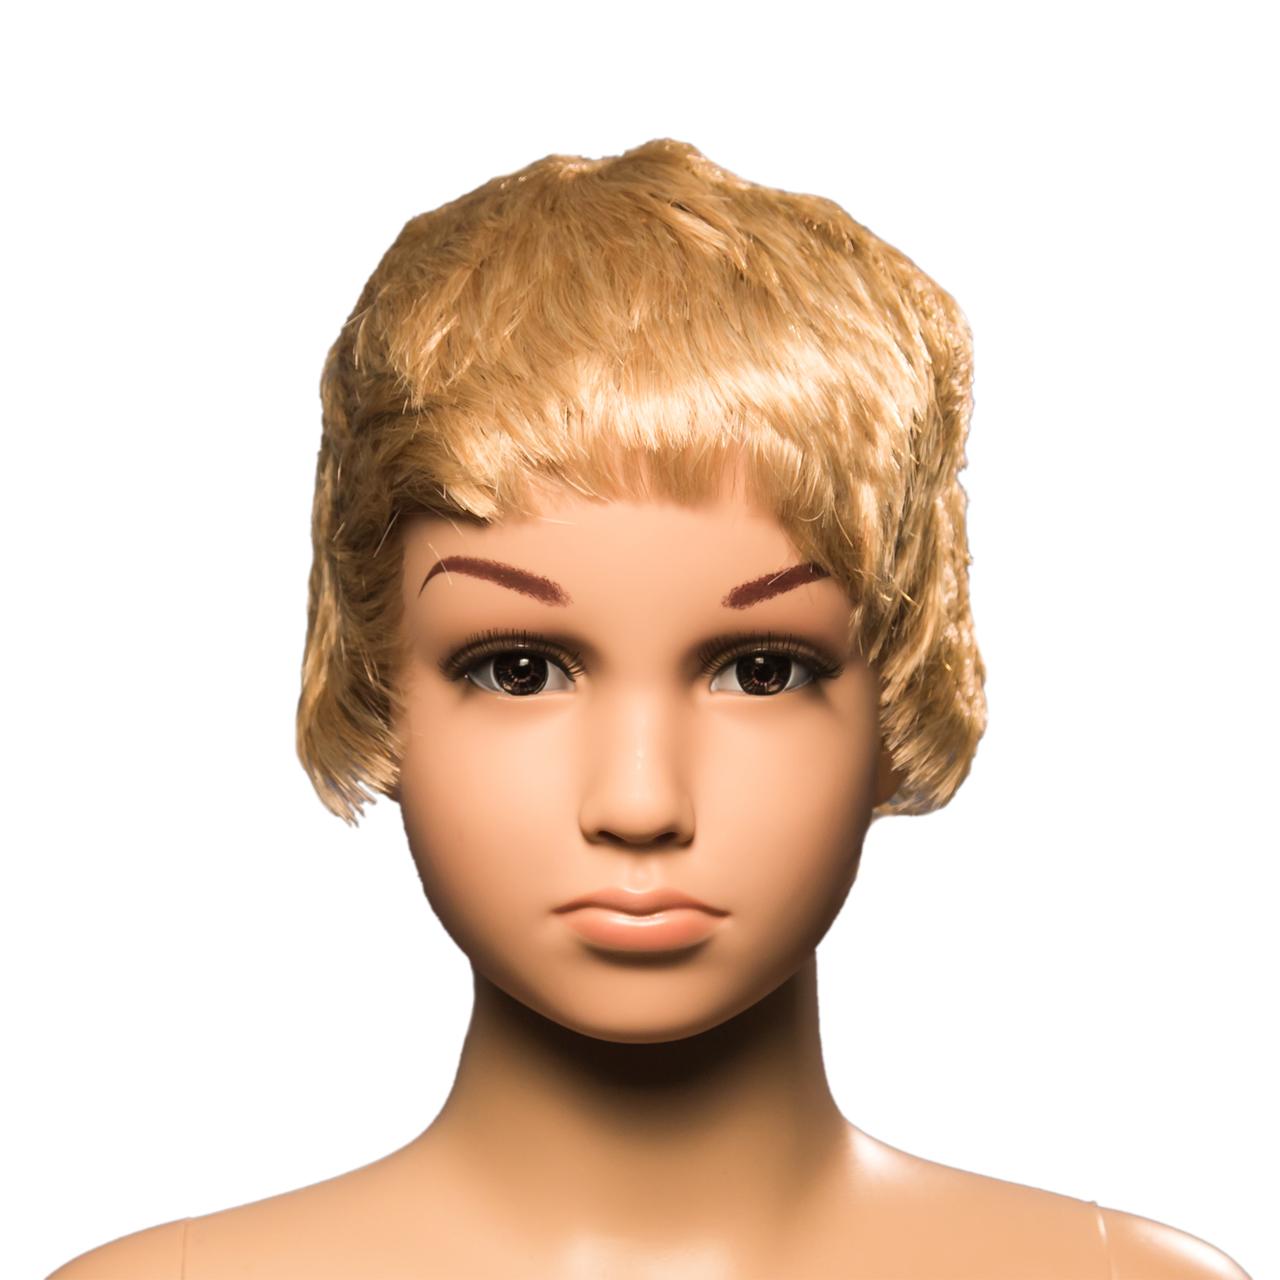 Kinder Perücke Junge blond